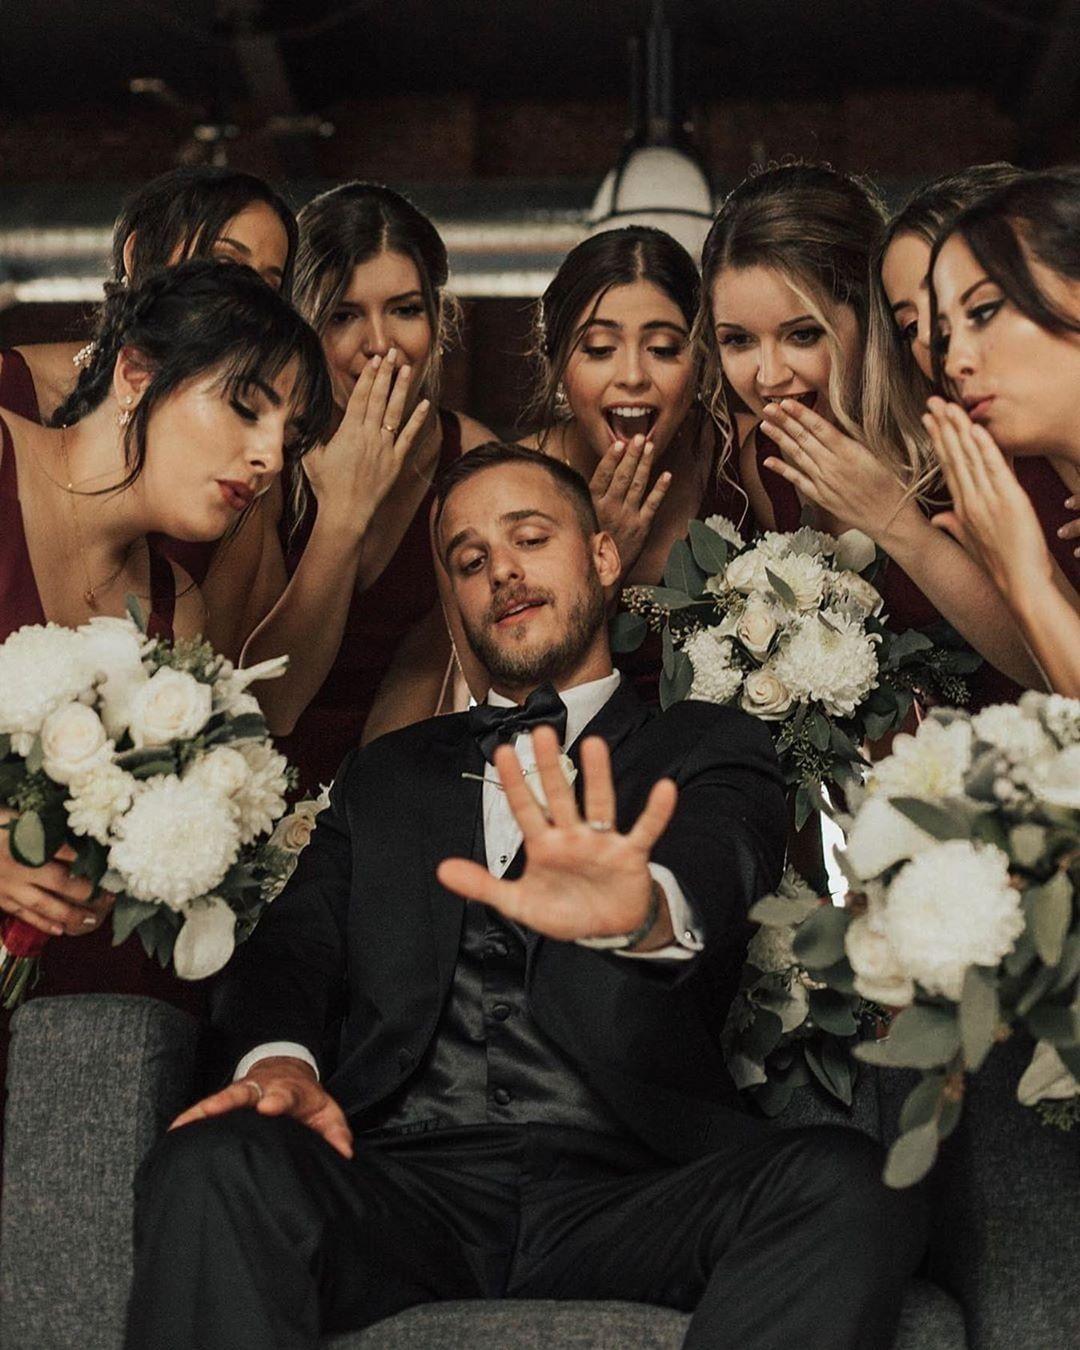 Tipps und originelle Ideen für die Gruppenfotos auf der Hochzeit